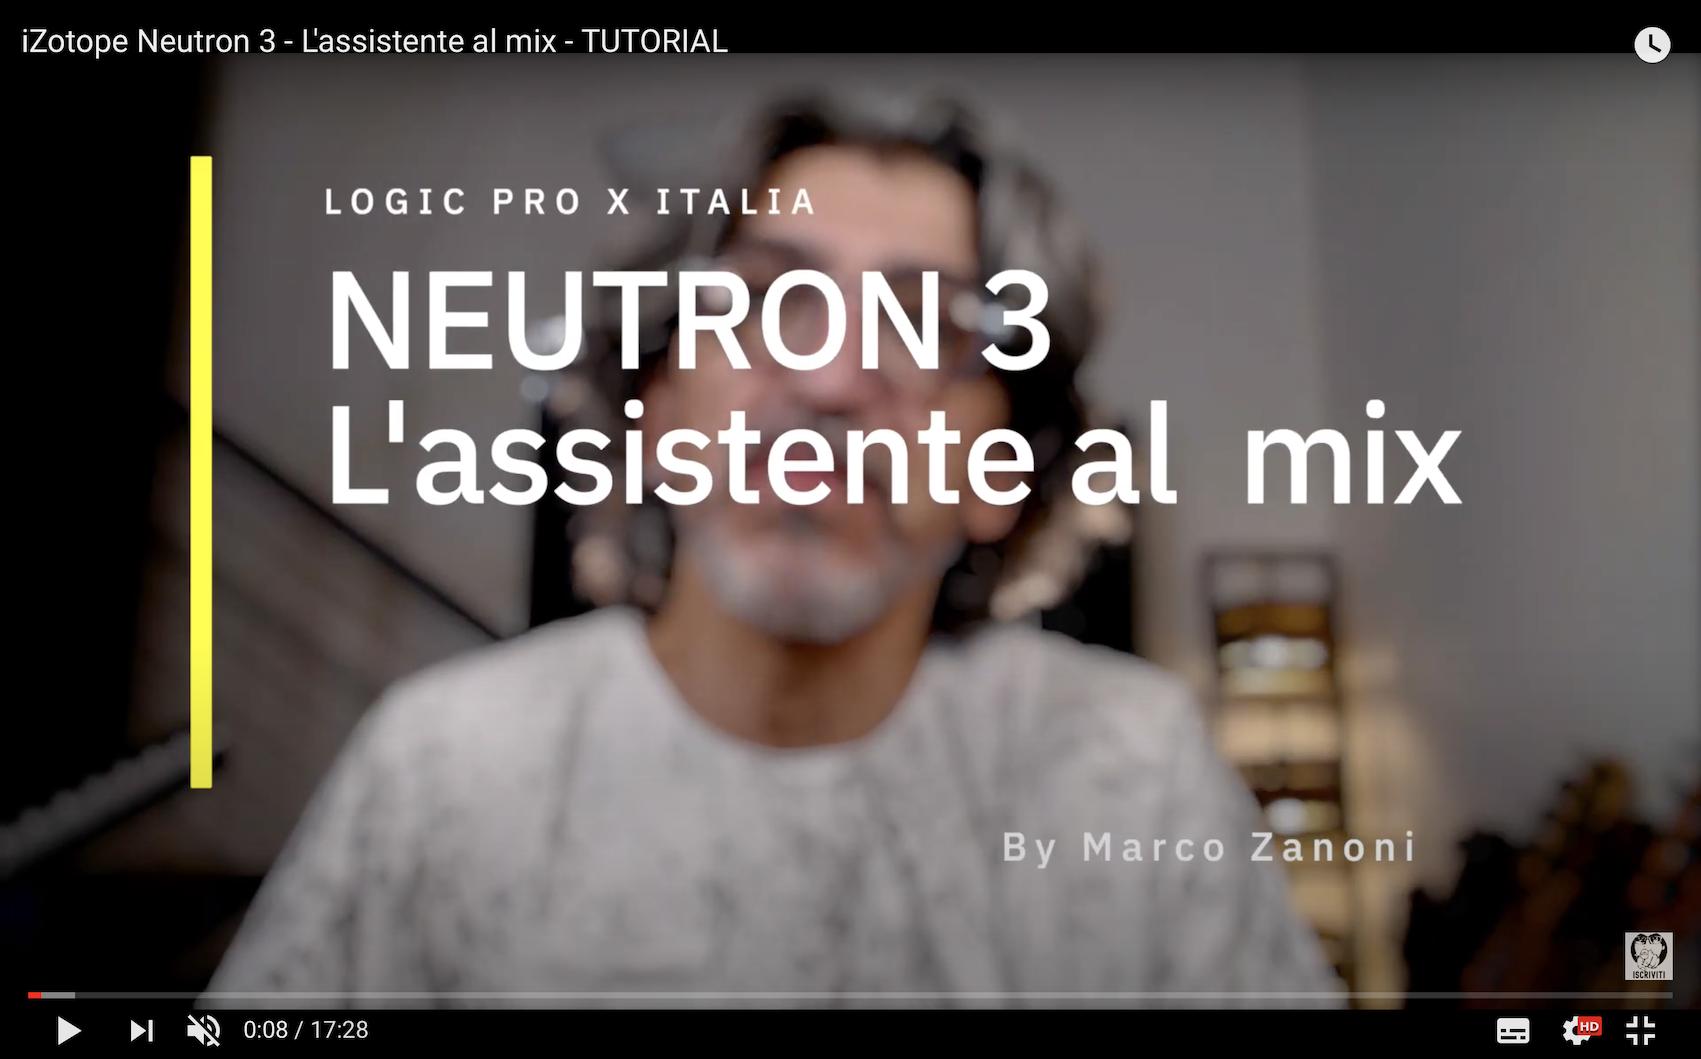 iZotope Neutron 3 Tutorial